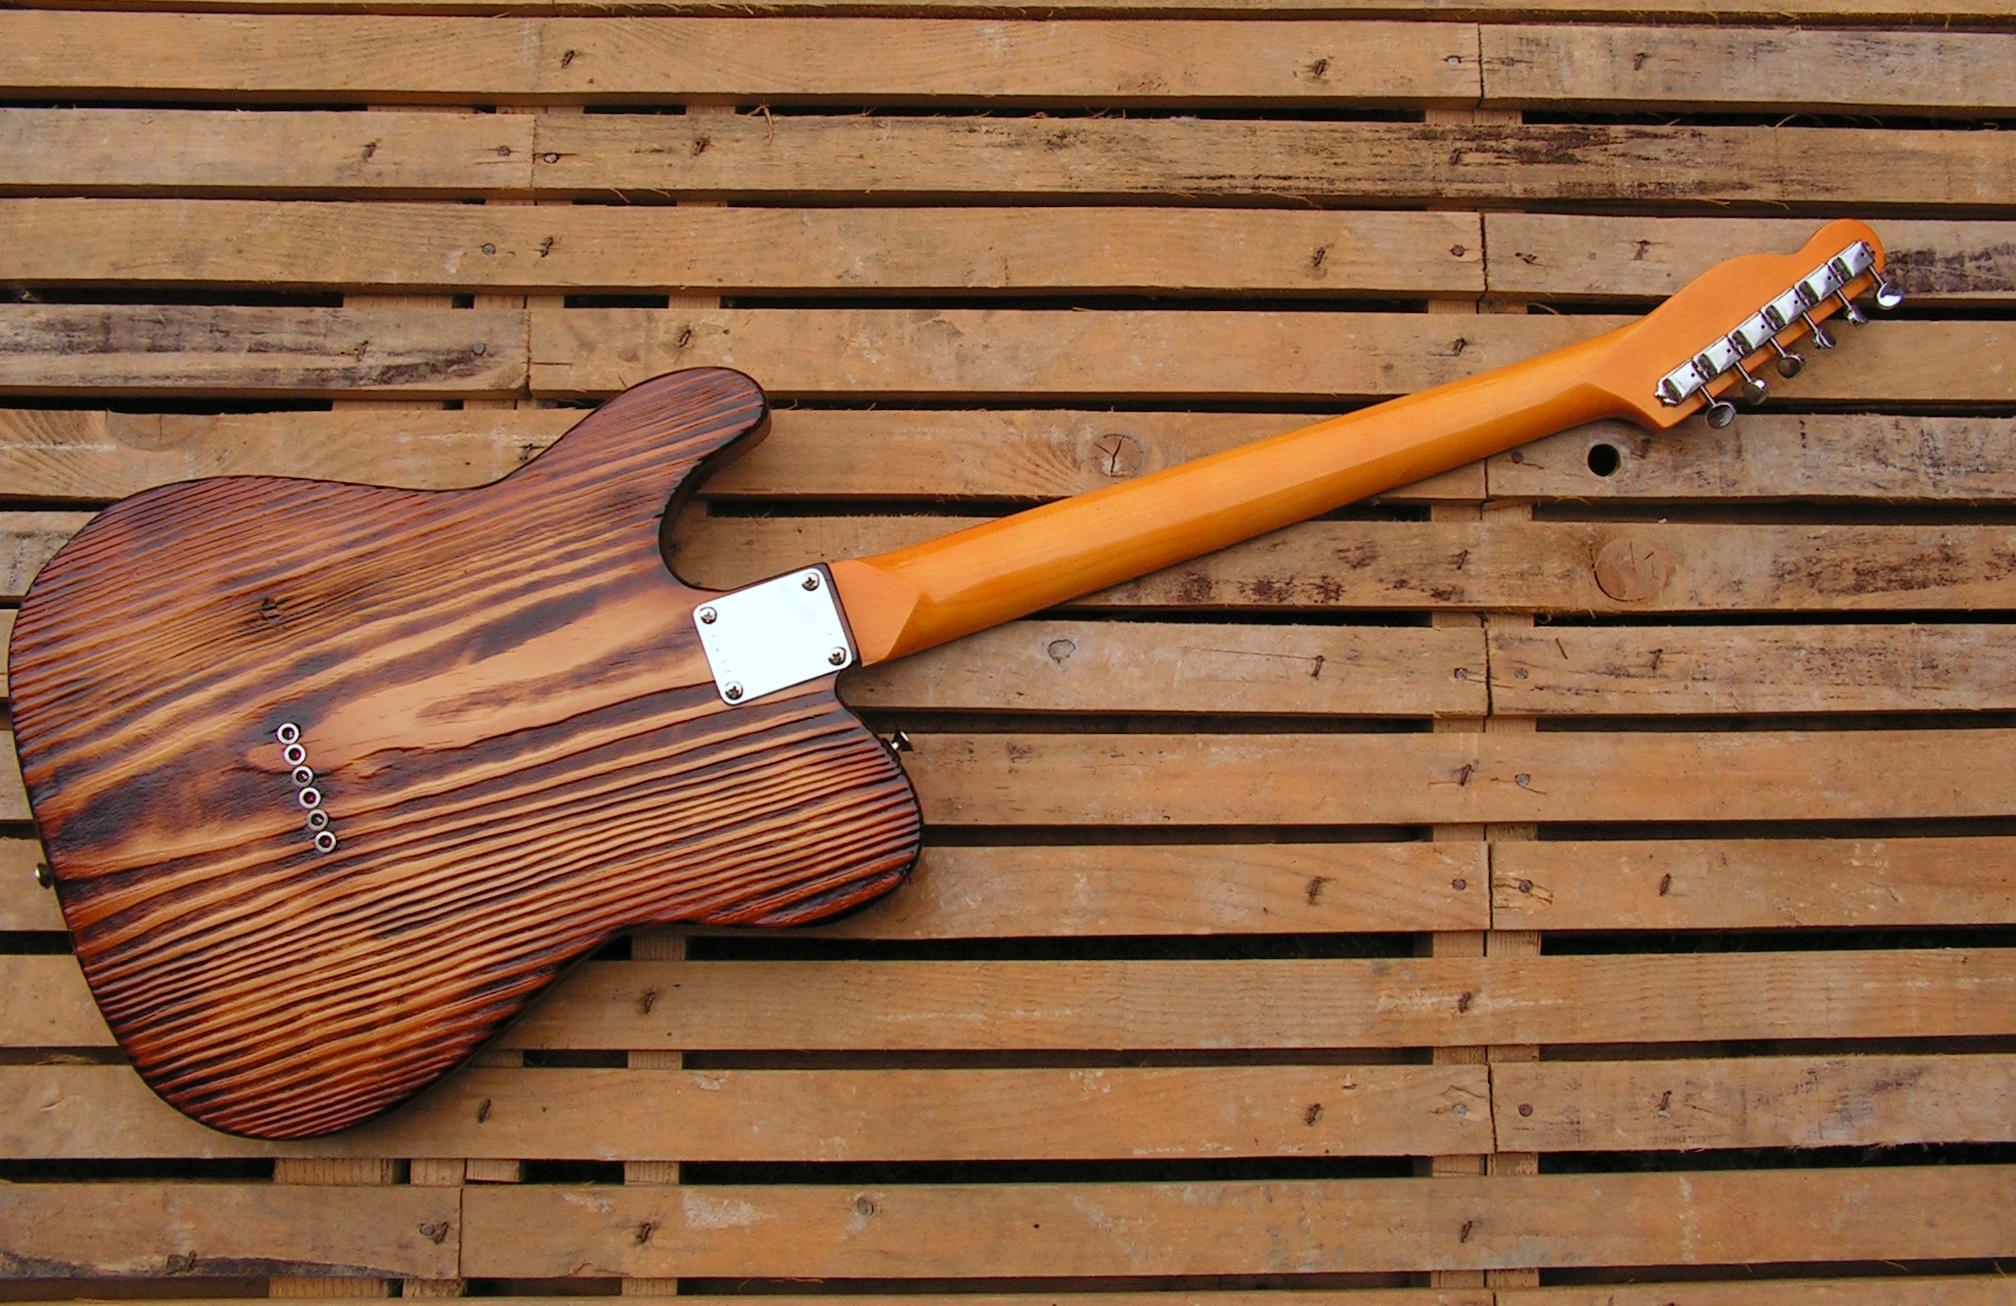 Retro del body di una chitarra Telecaster in yellow pine roasted